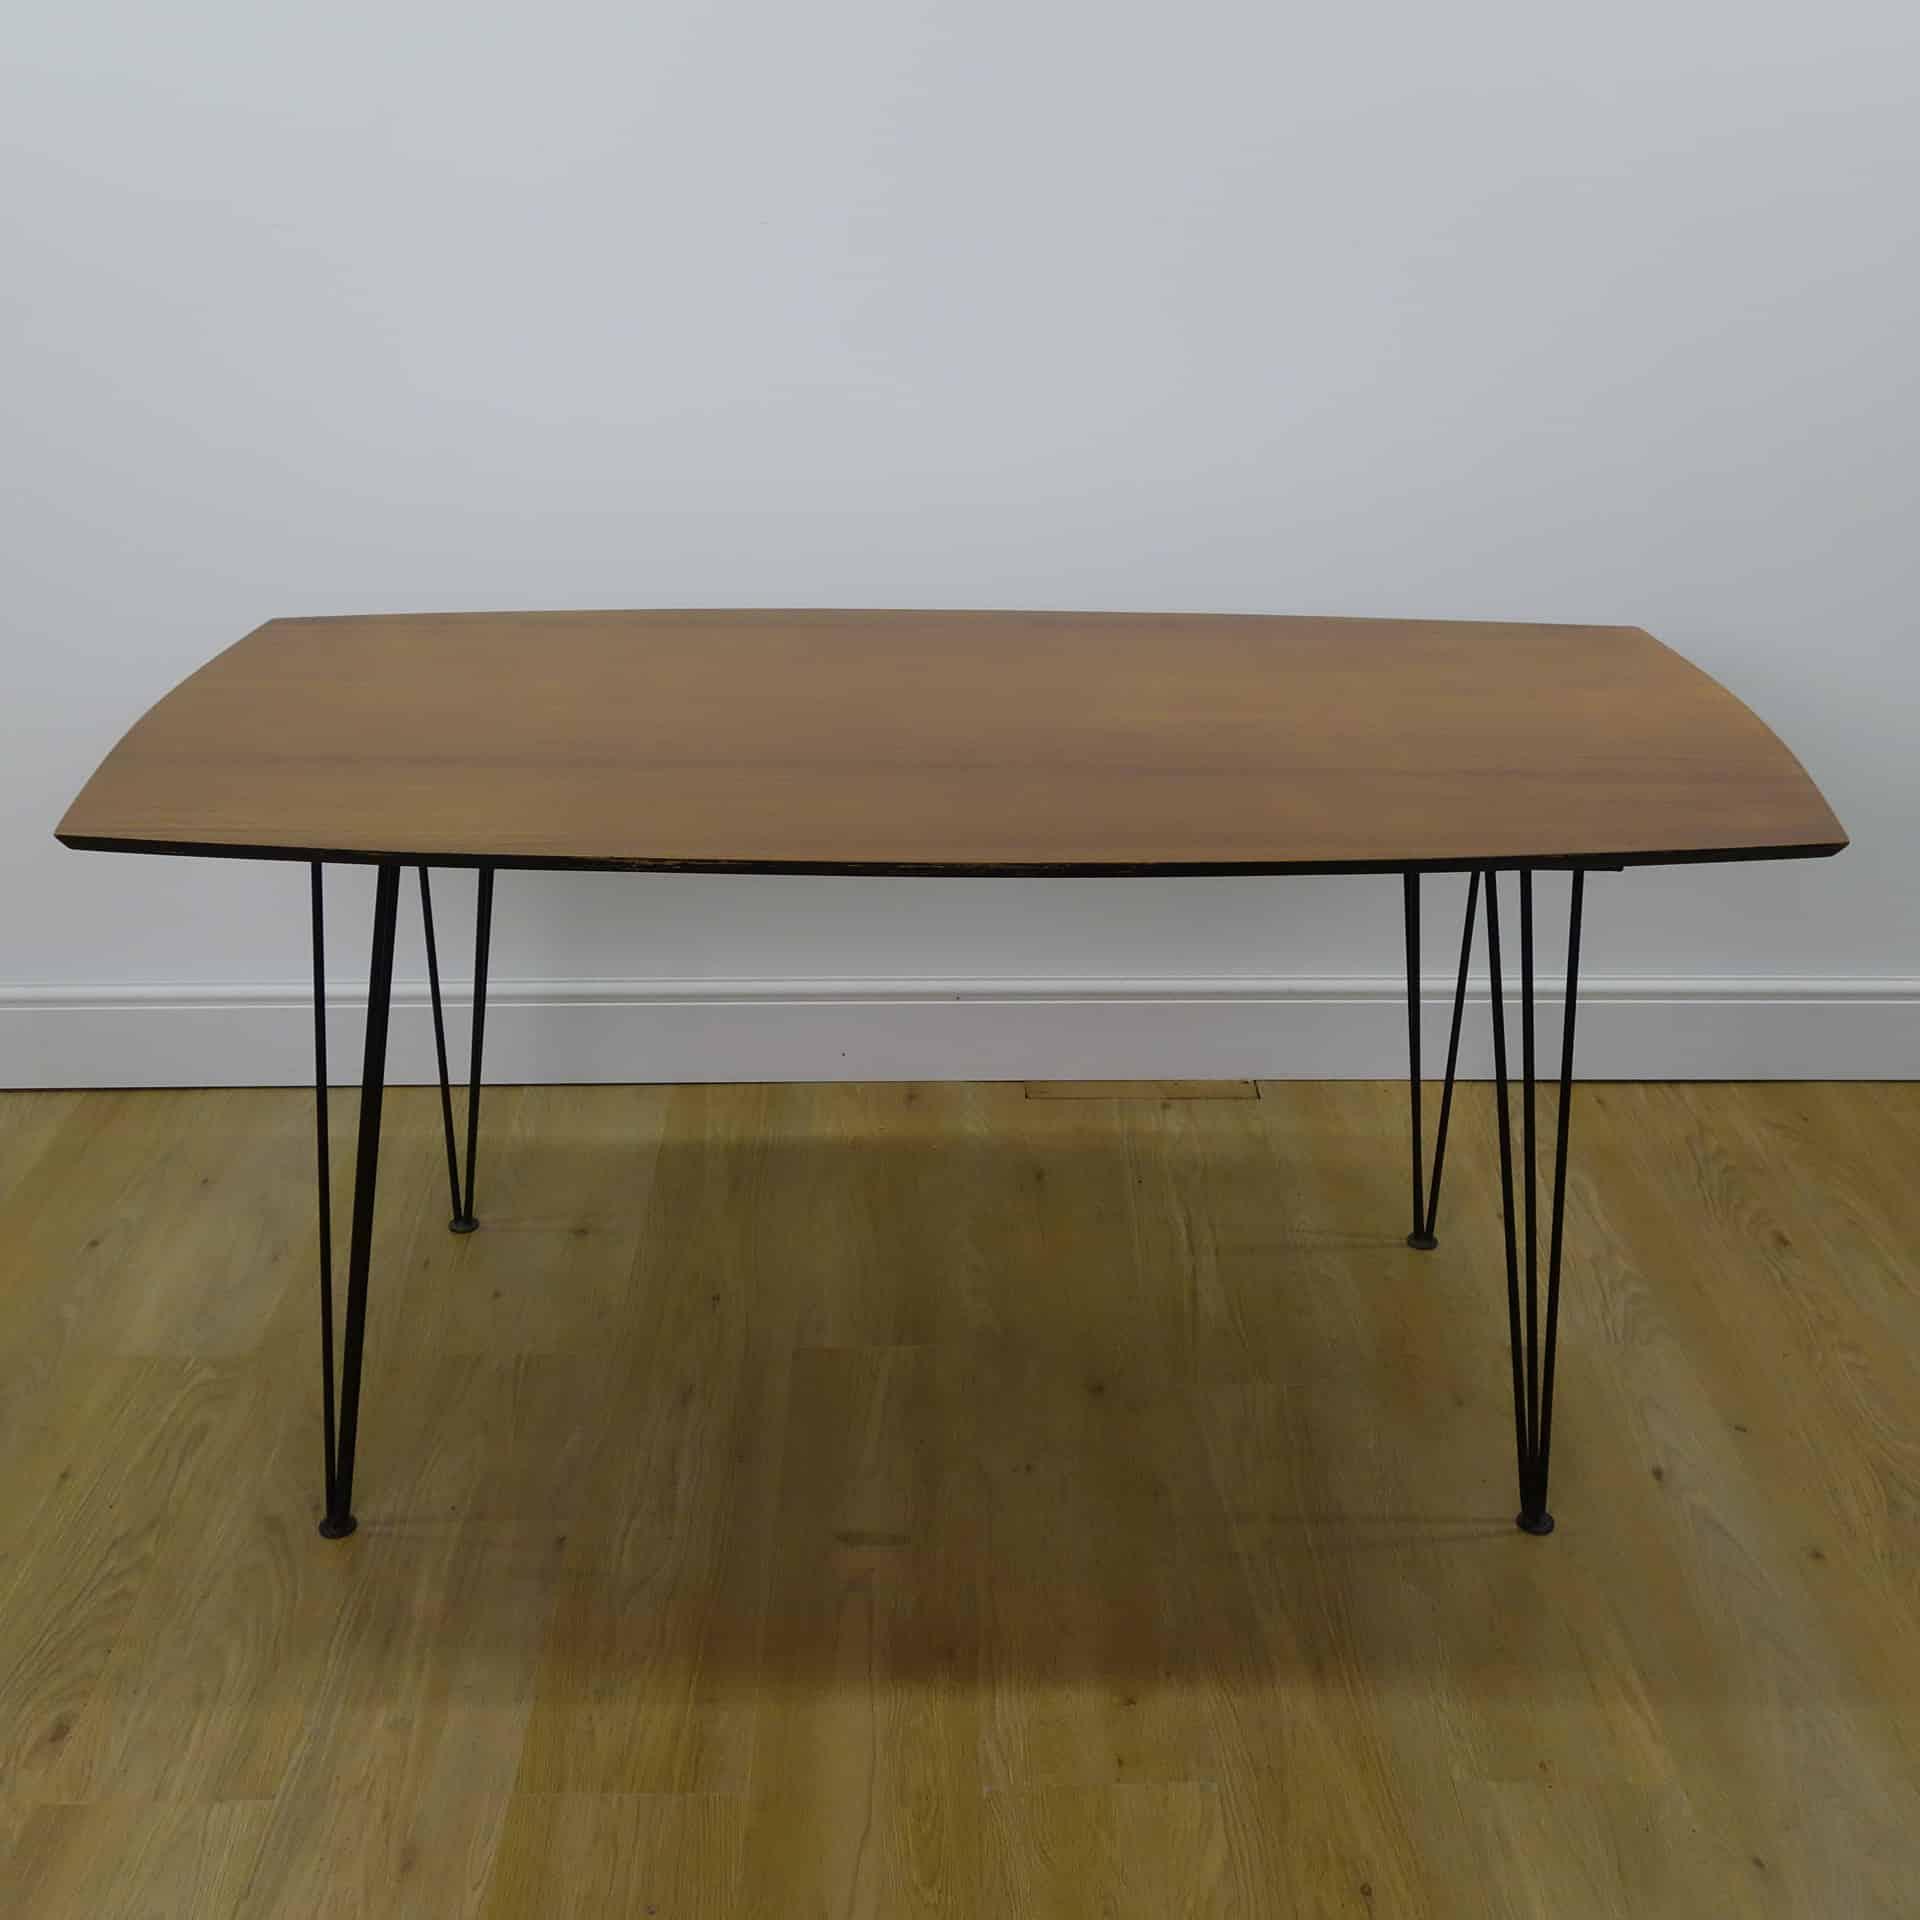 1950s teak dining table on metal triple rod legs